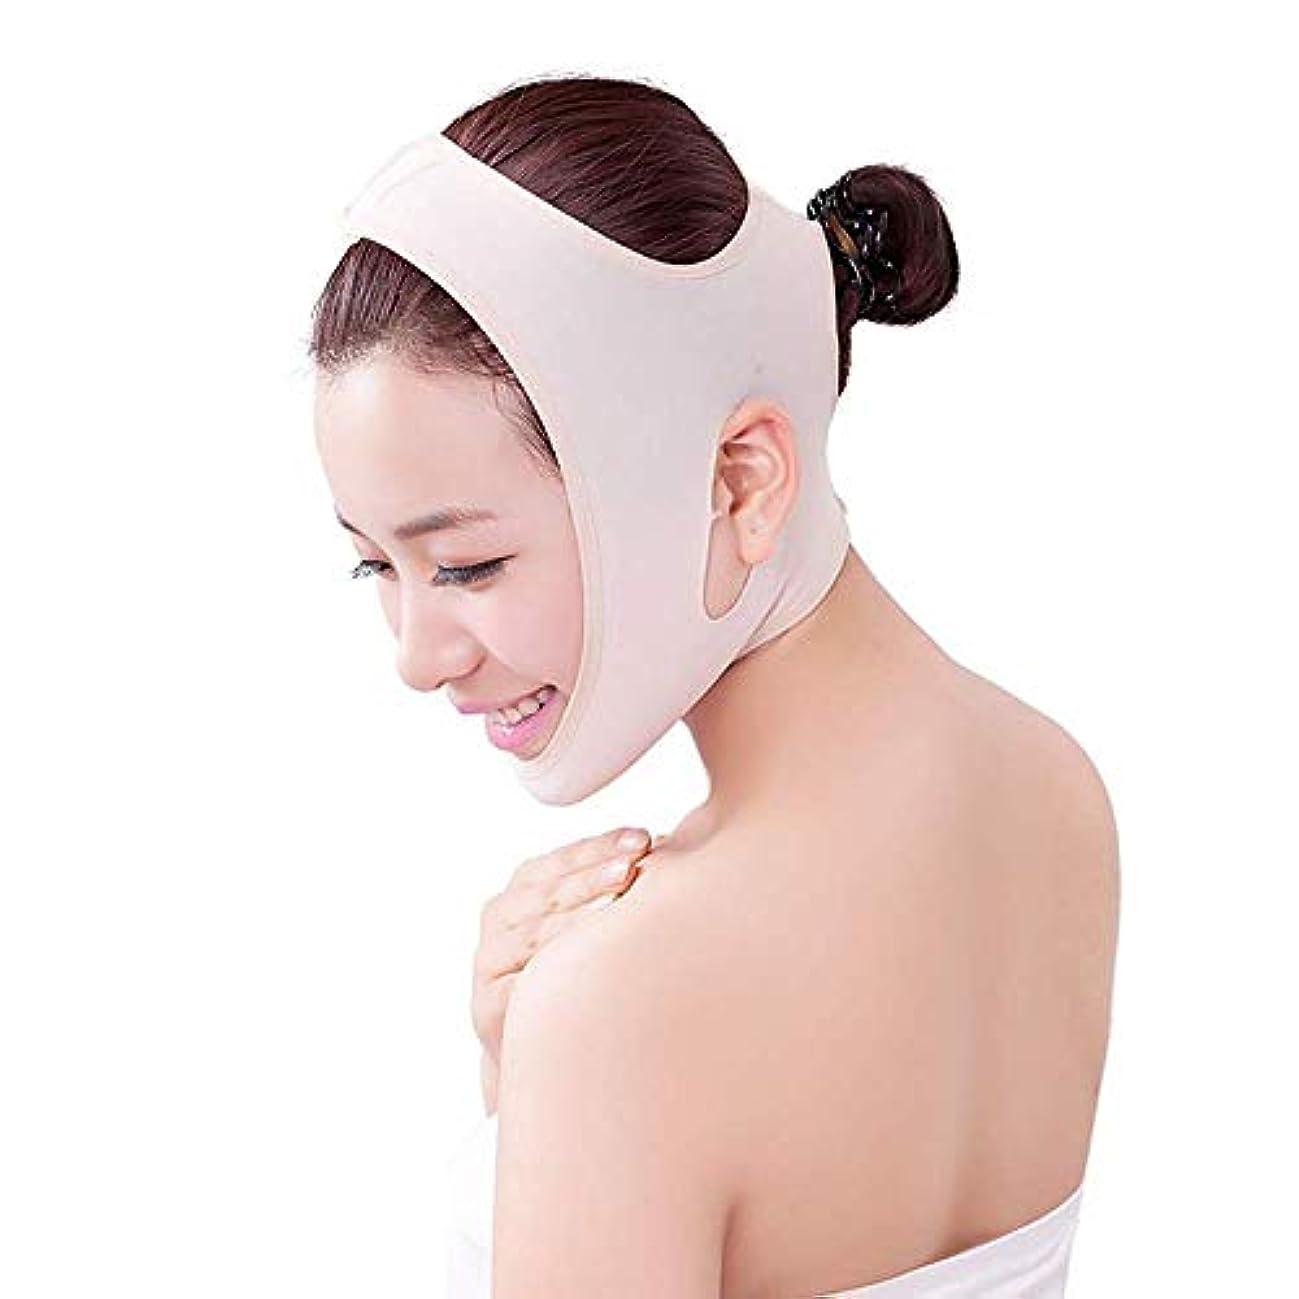 構造的砂の詐欺師薄型フェイスベルト - 男性用および女性用の包帯をフランスの顔用リフティングマスク器具に引き締める薄型フェイスVフェイス薄型ダブルチンフェイスリフティングベルト(サイズ:M),L